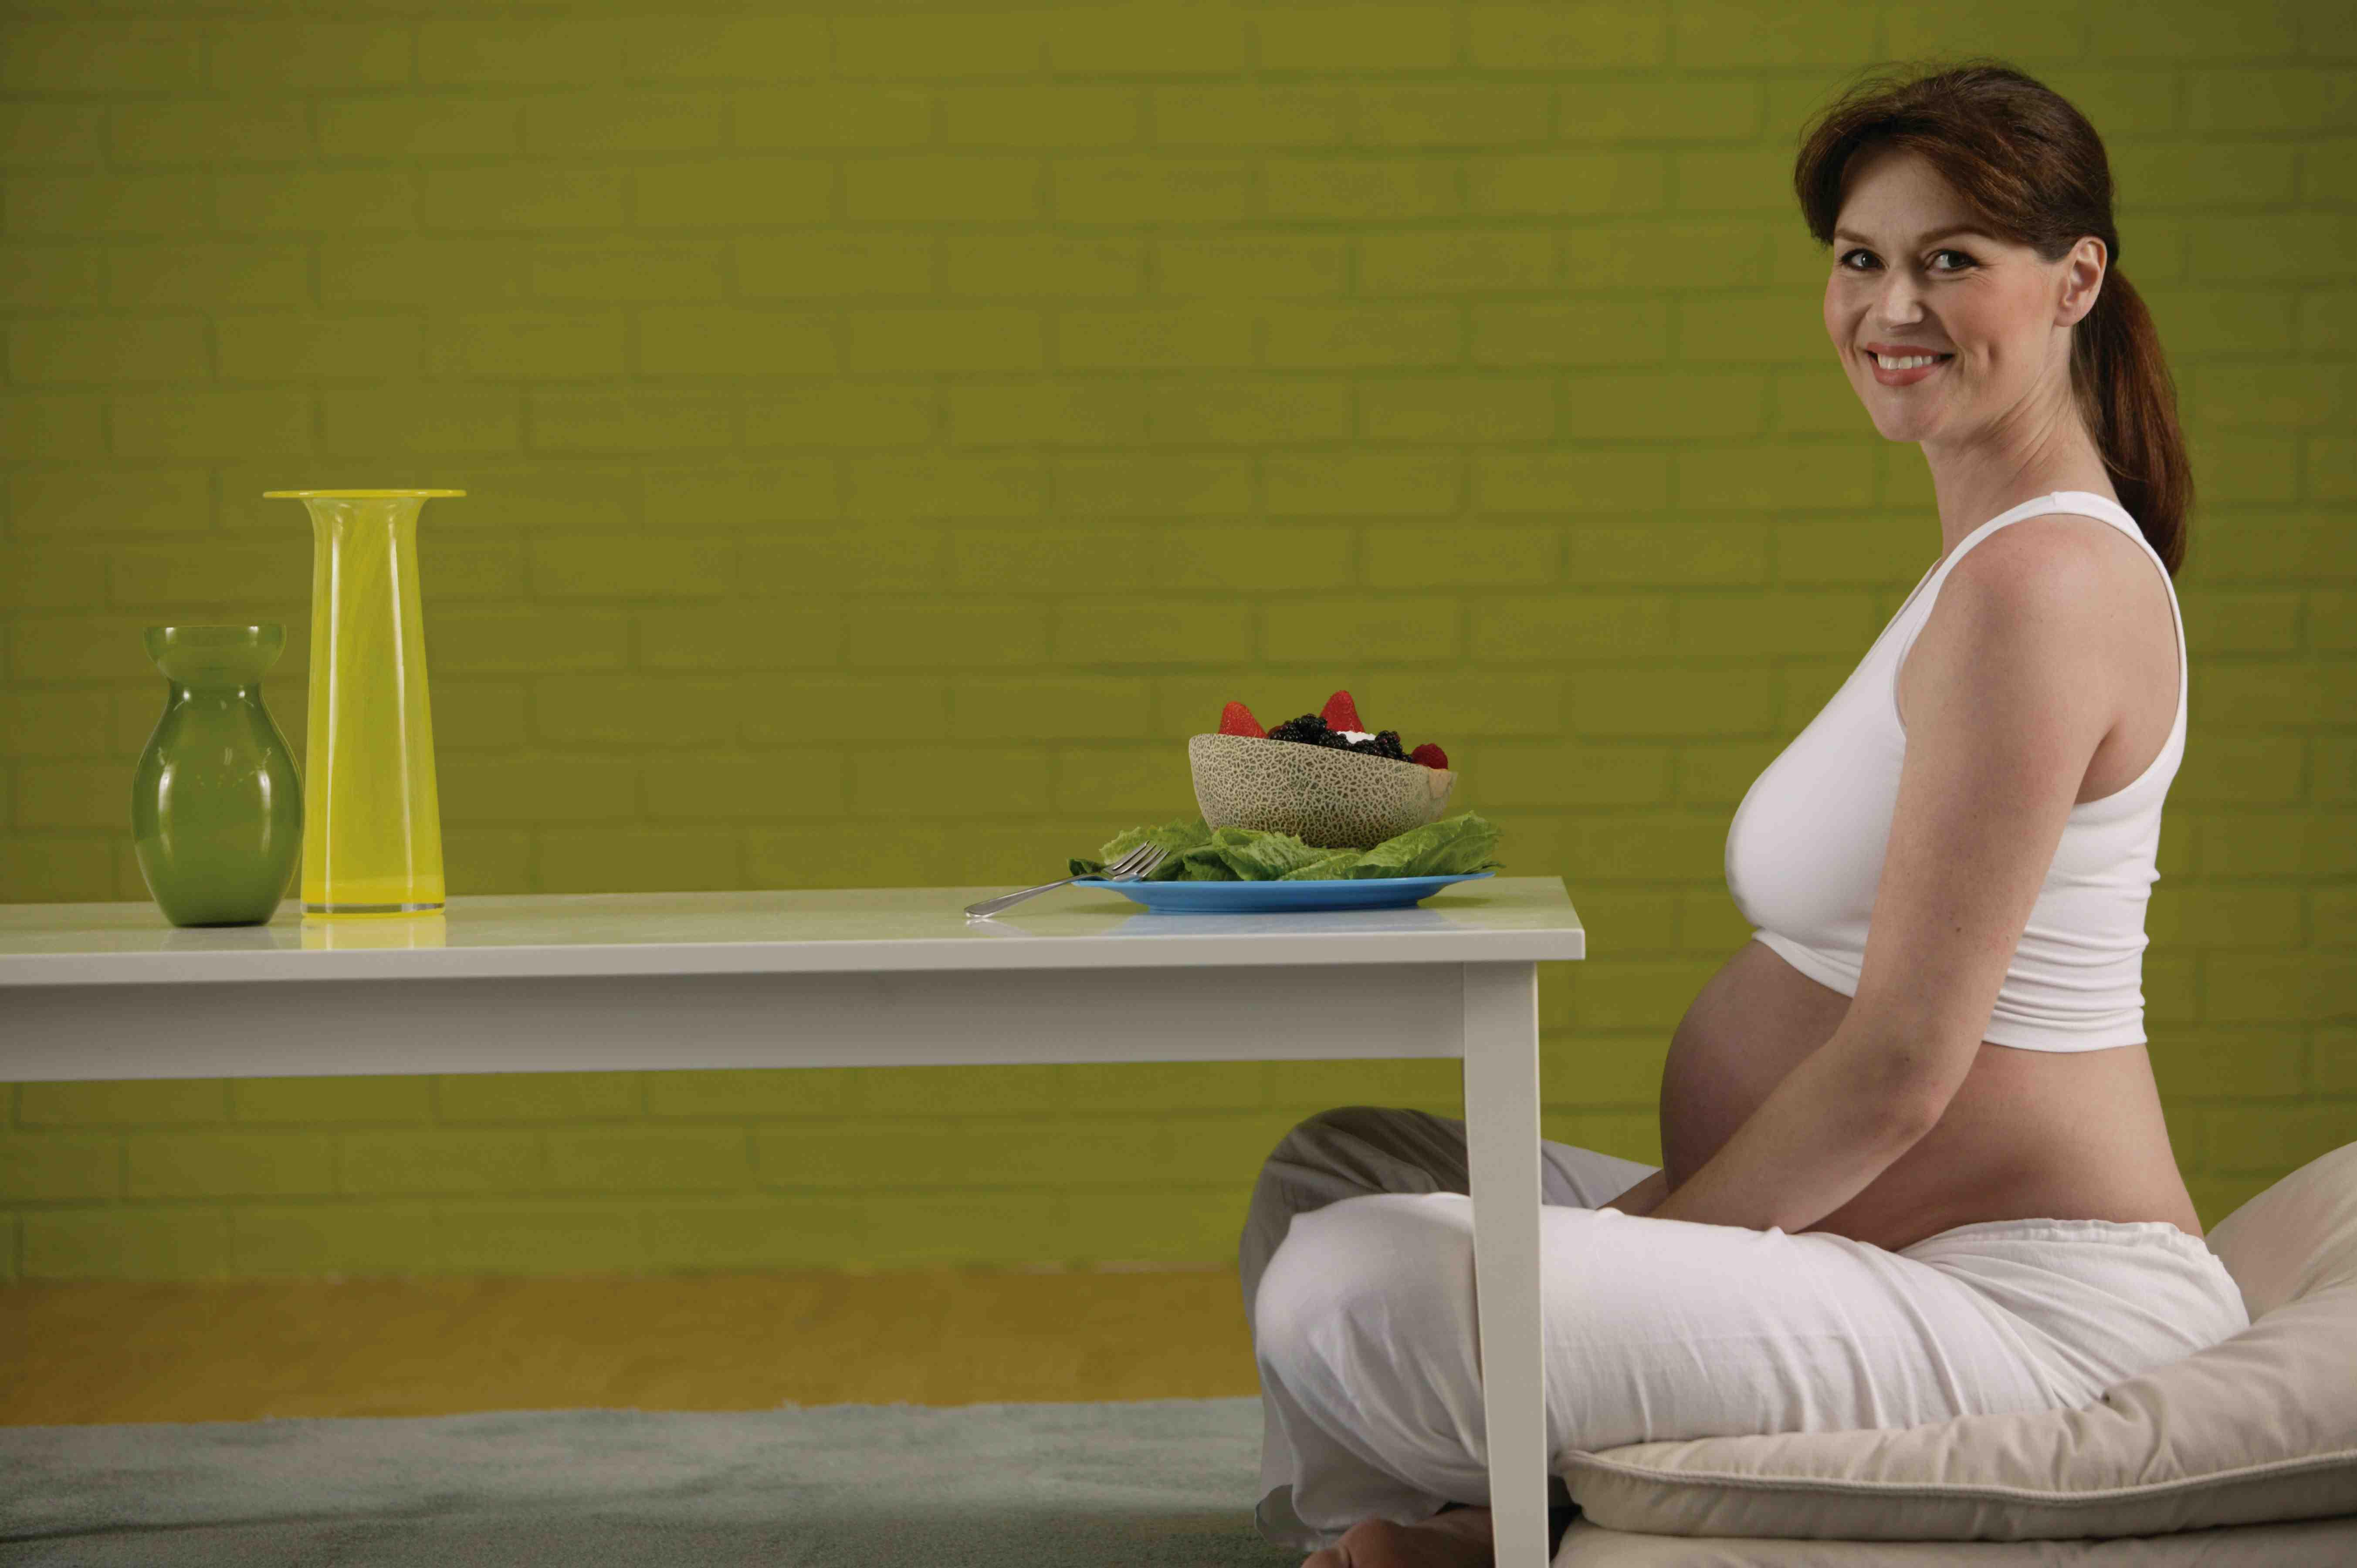 Mang thai tuần thứ 4 nên ăn gì và nên kiêng các bà bầu nên biết - phần 2